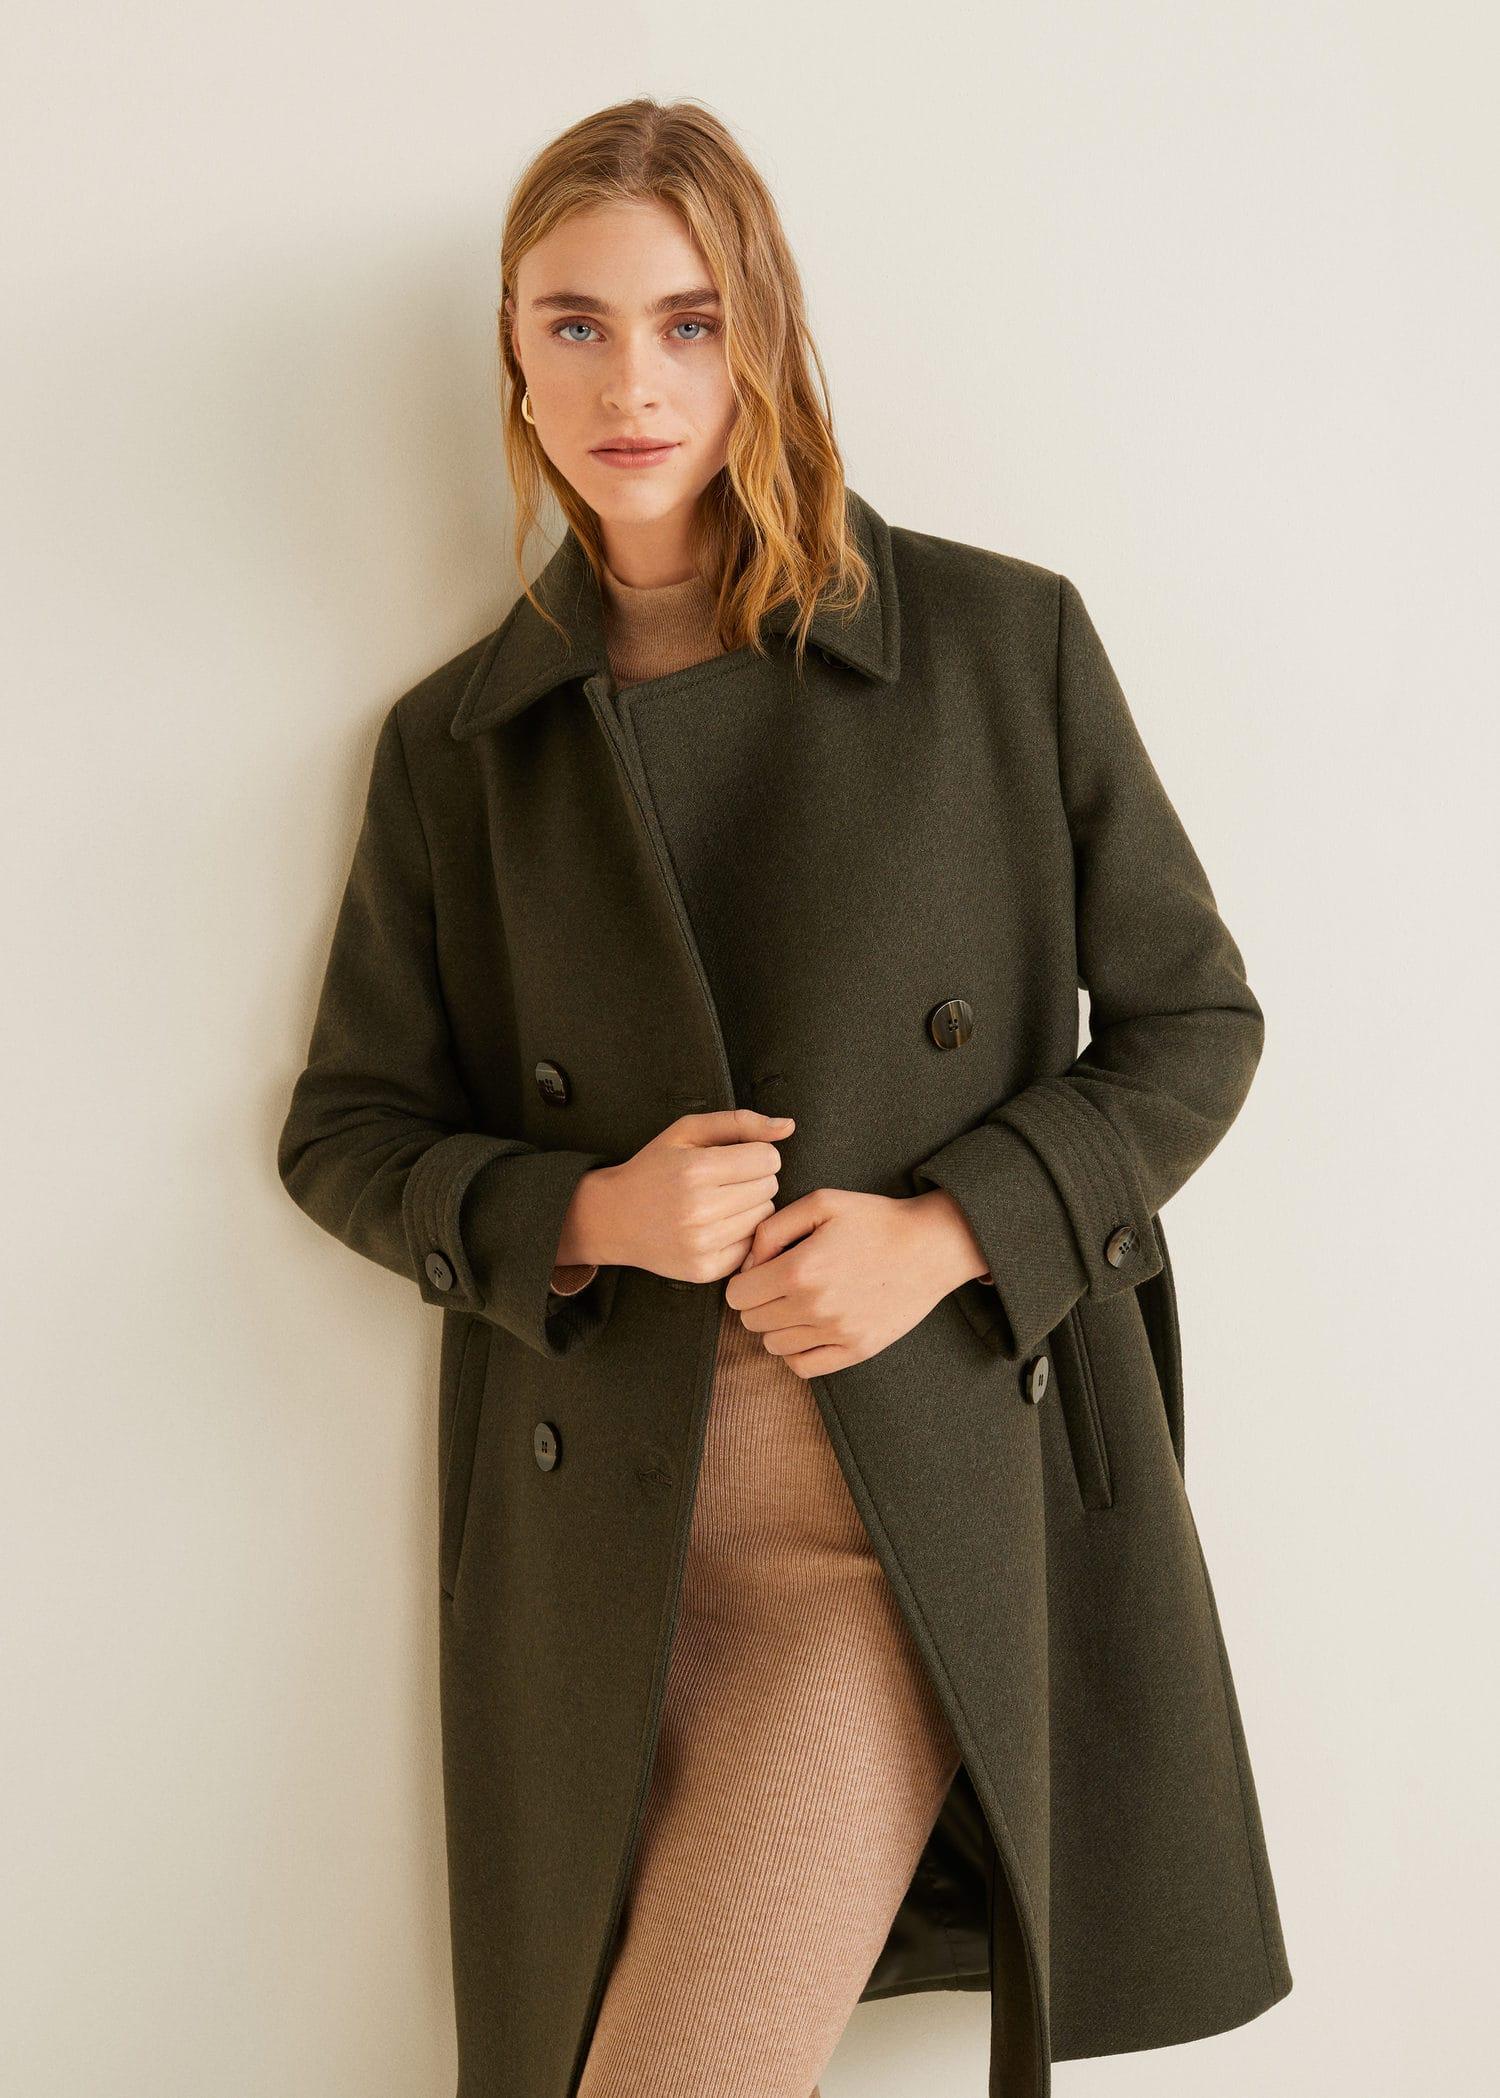 Płaszcze Odzież Kobieta | OUTLET Polska